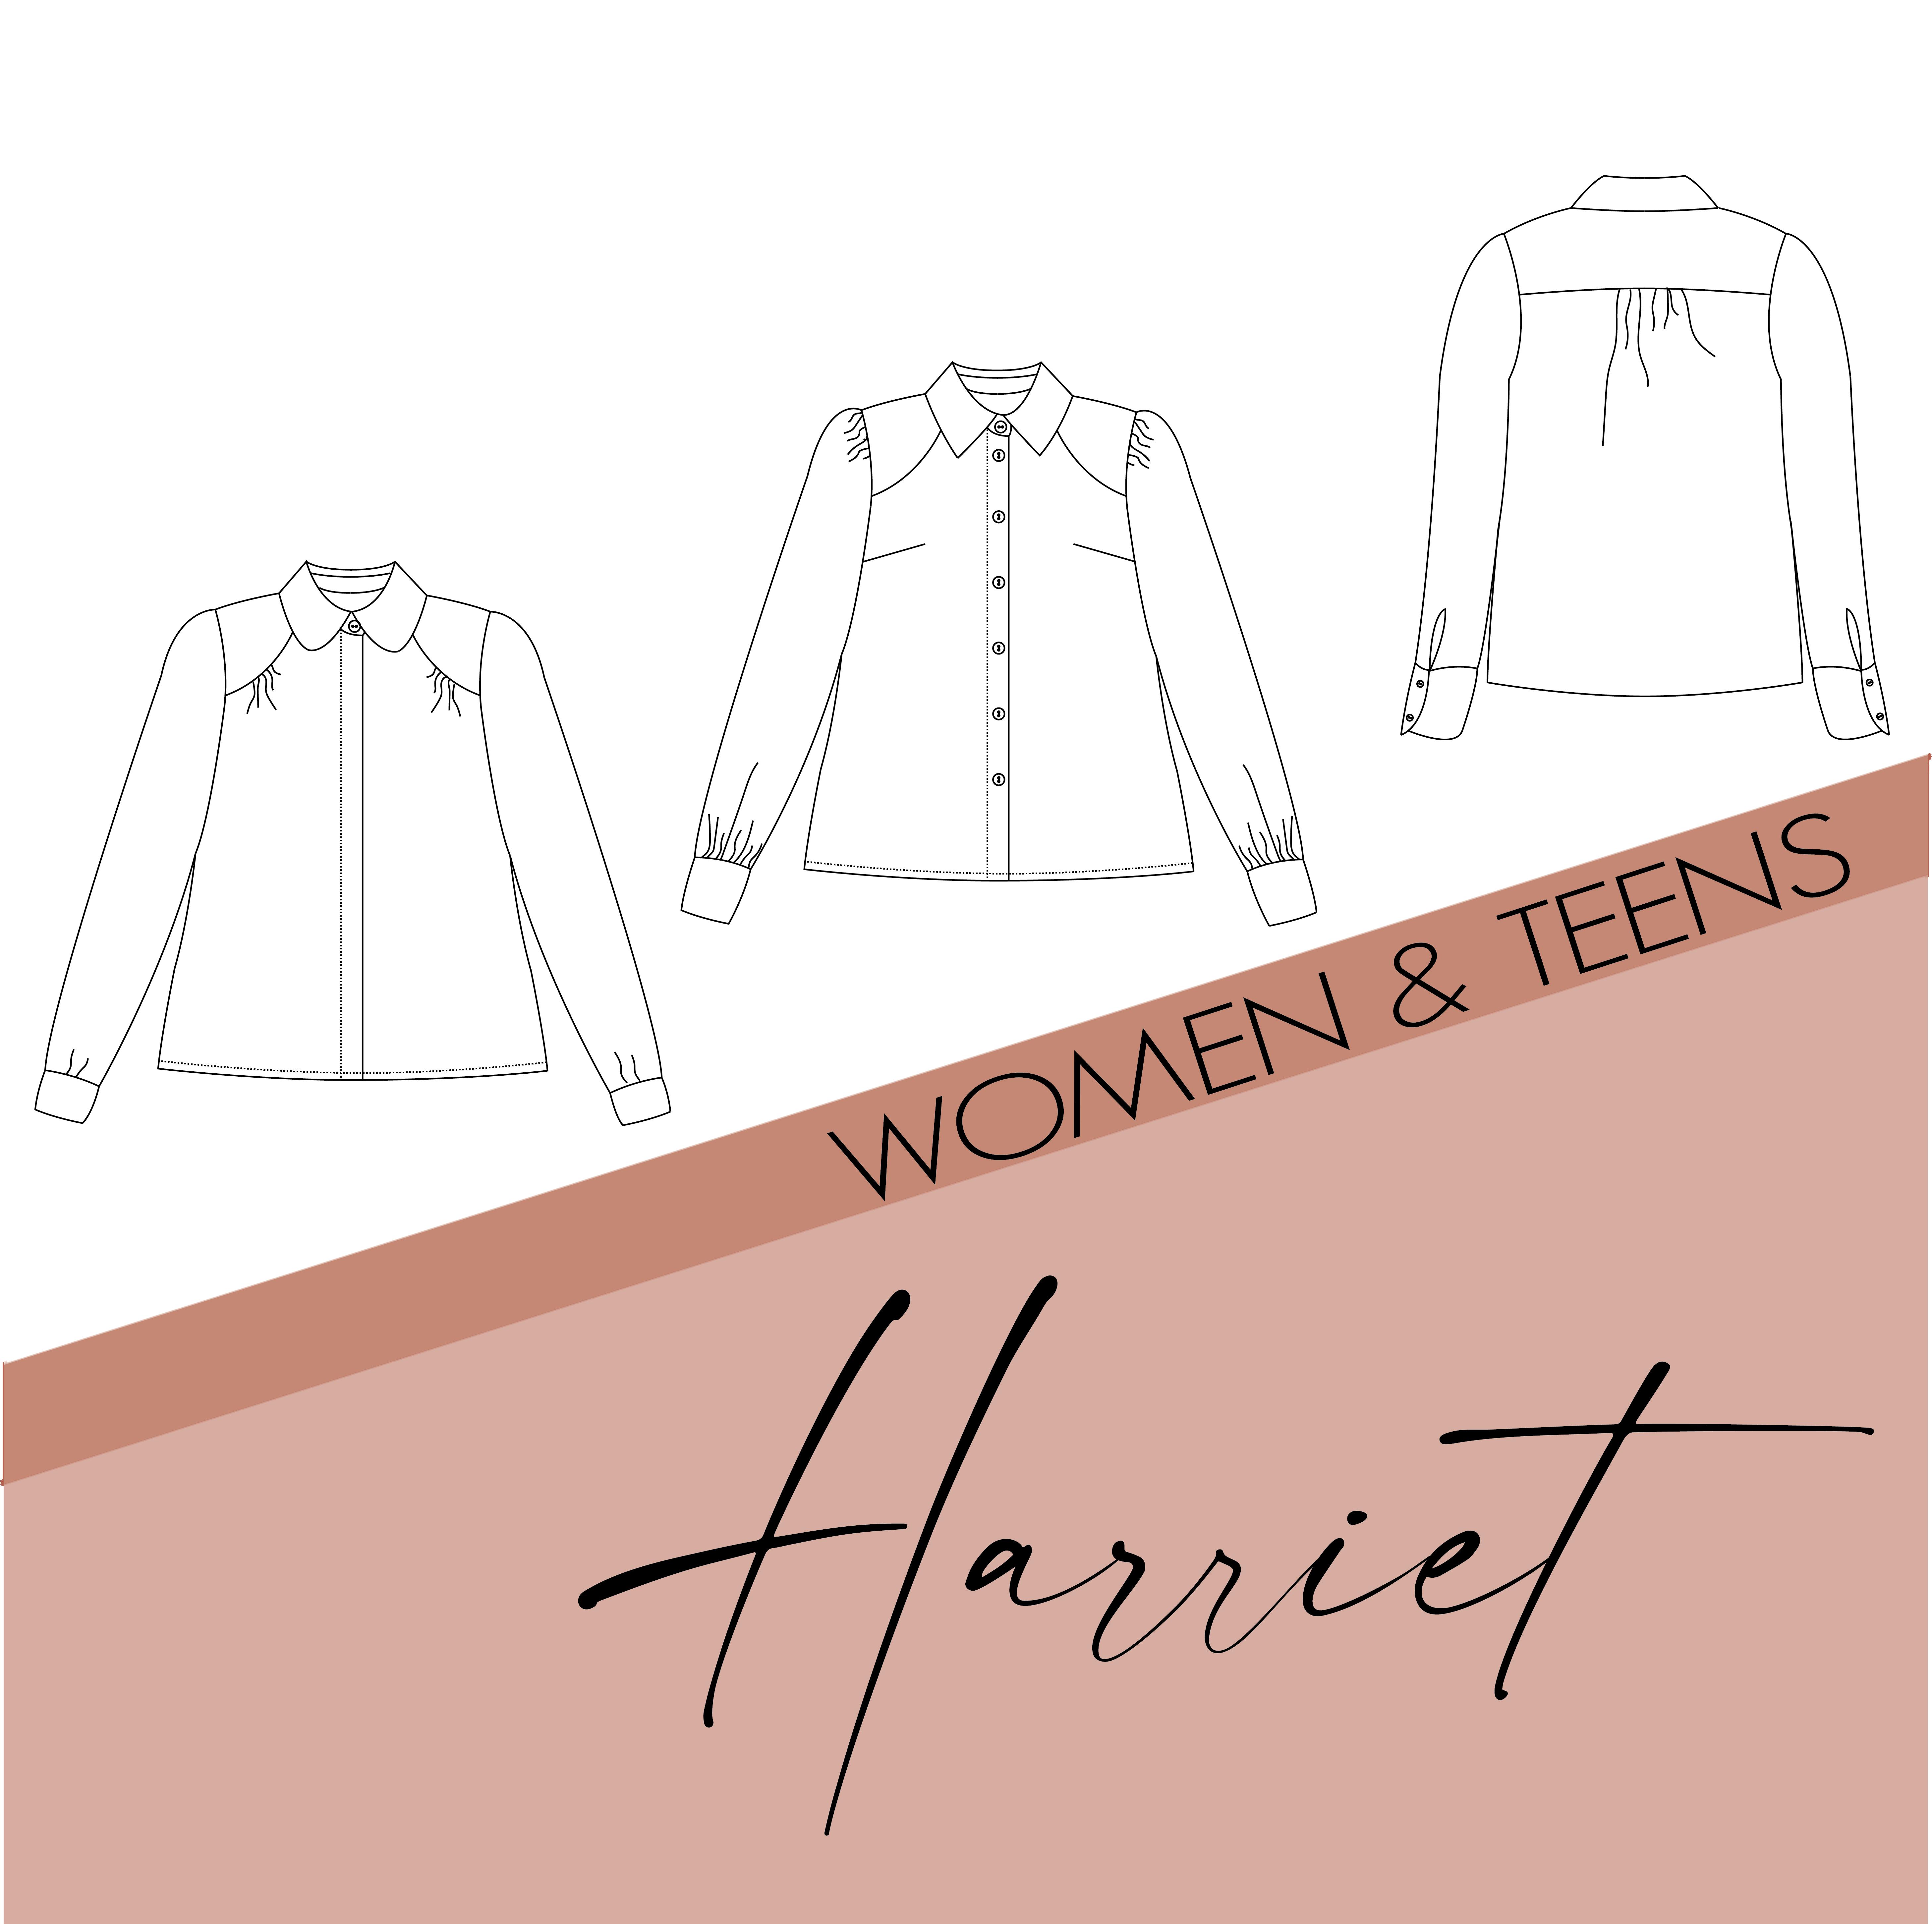 Harriet - women & teens